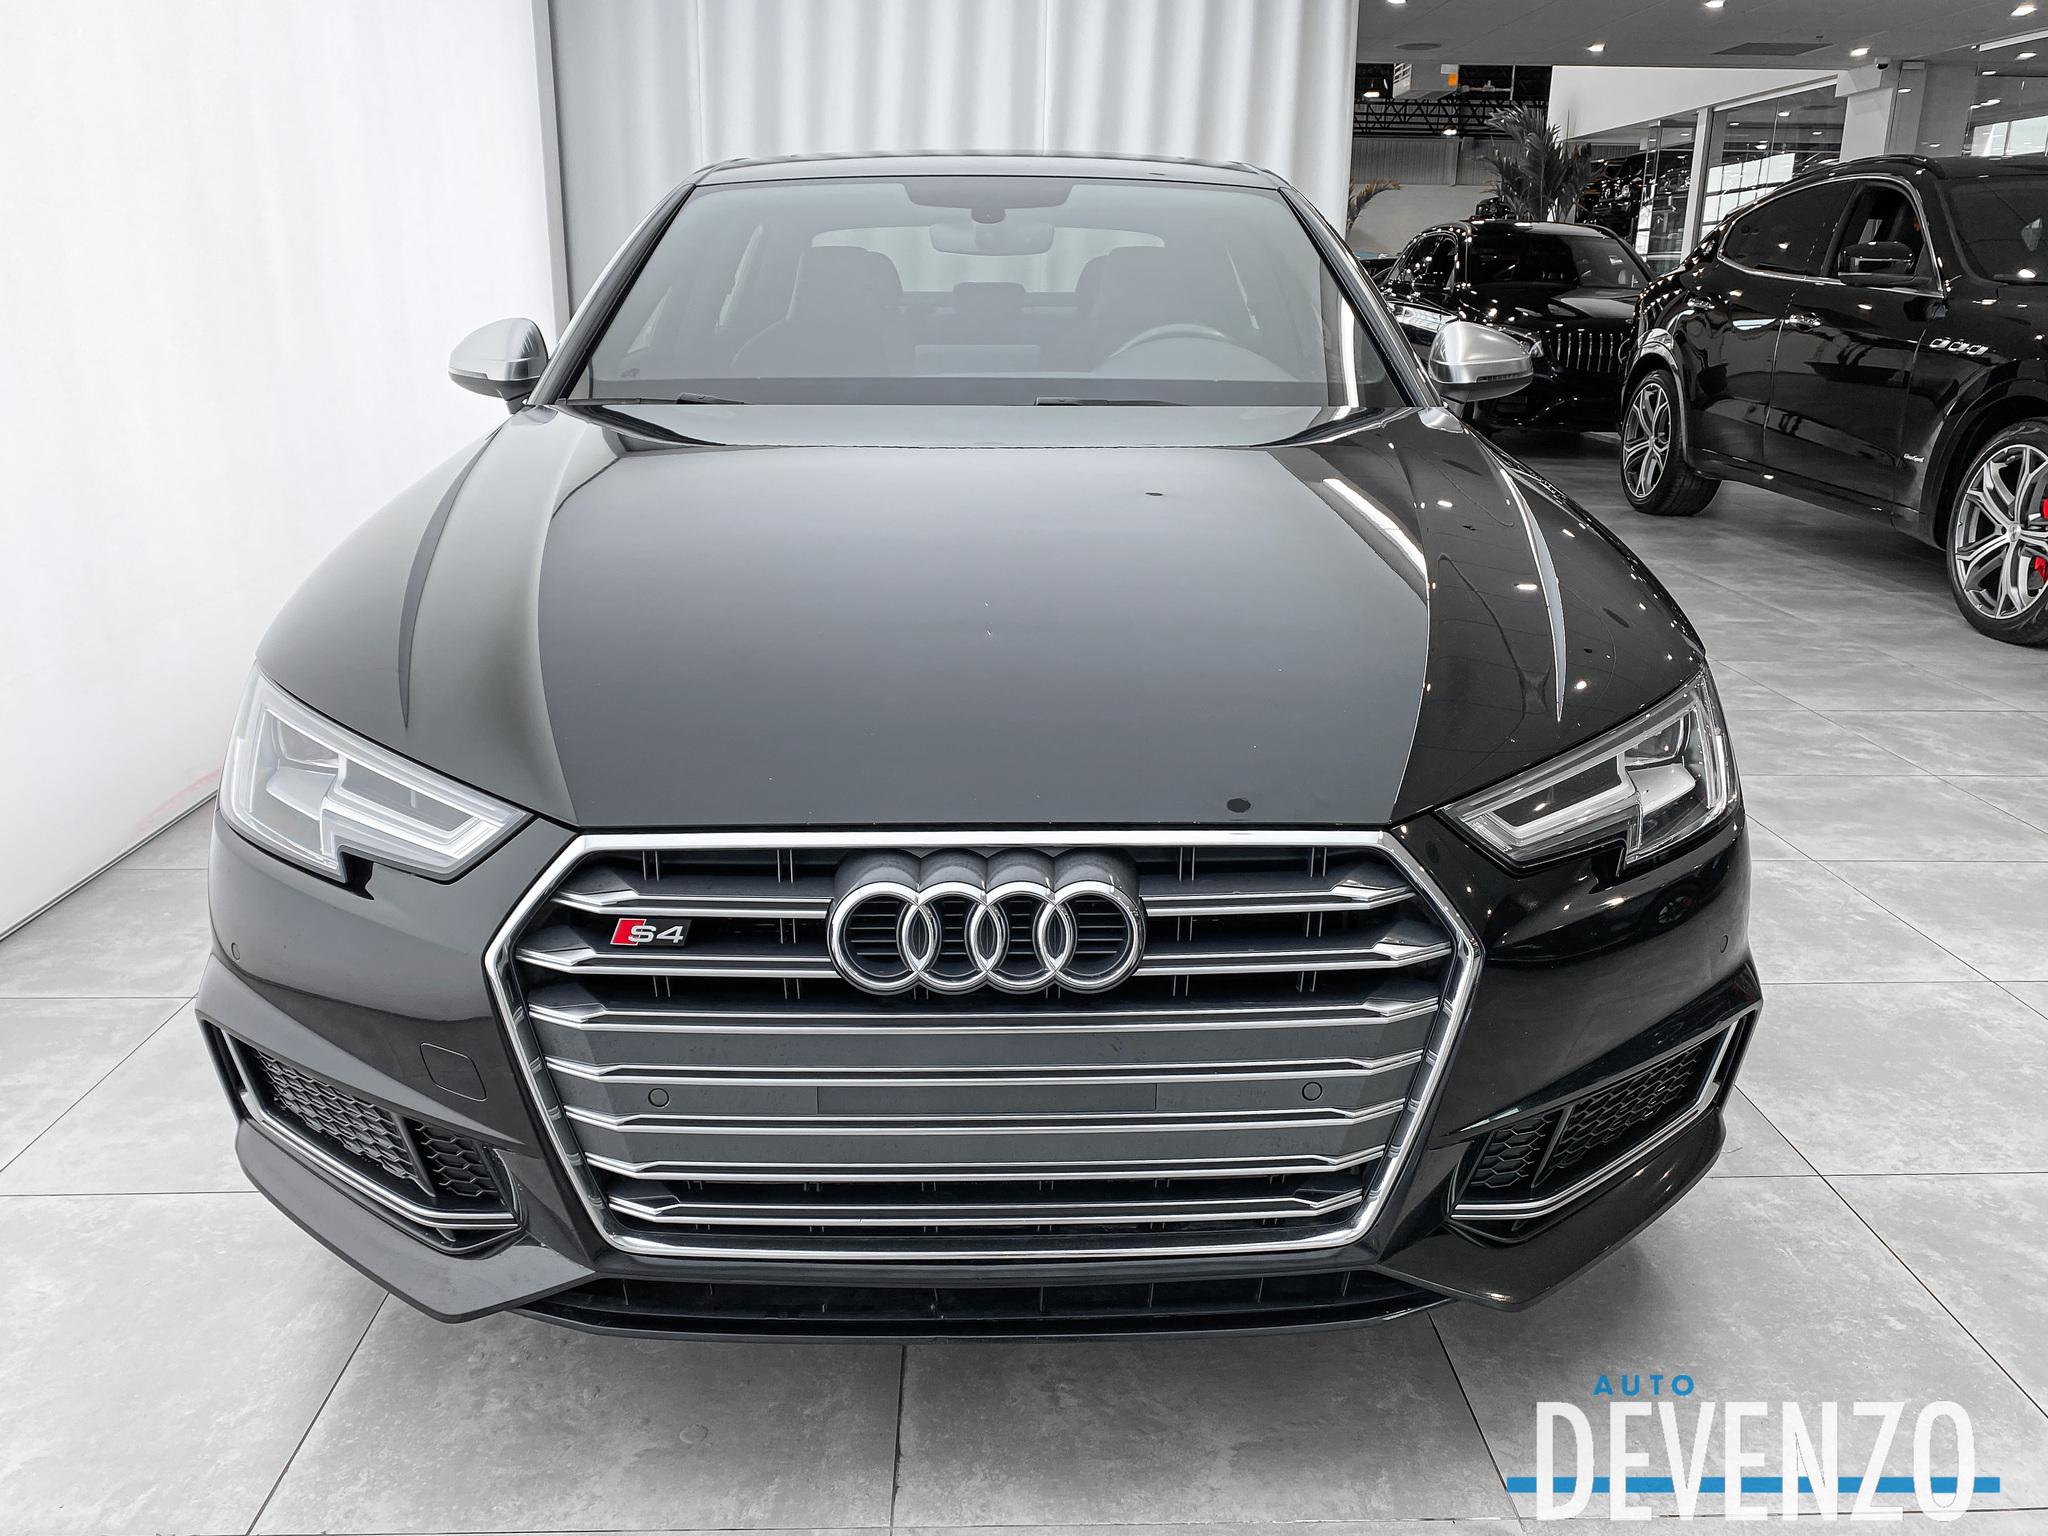 2018 Audi S4 3.0T PREMIUM PLUS CUIR ROUGE GARANTIE NOV 2021 complet